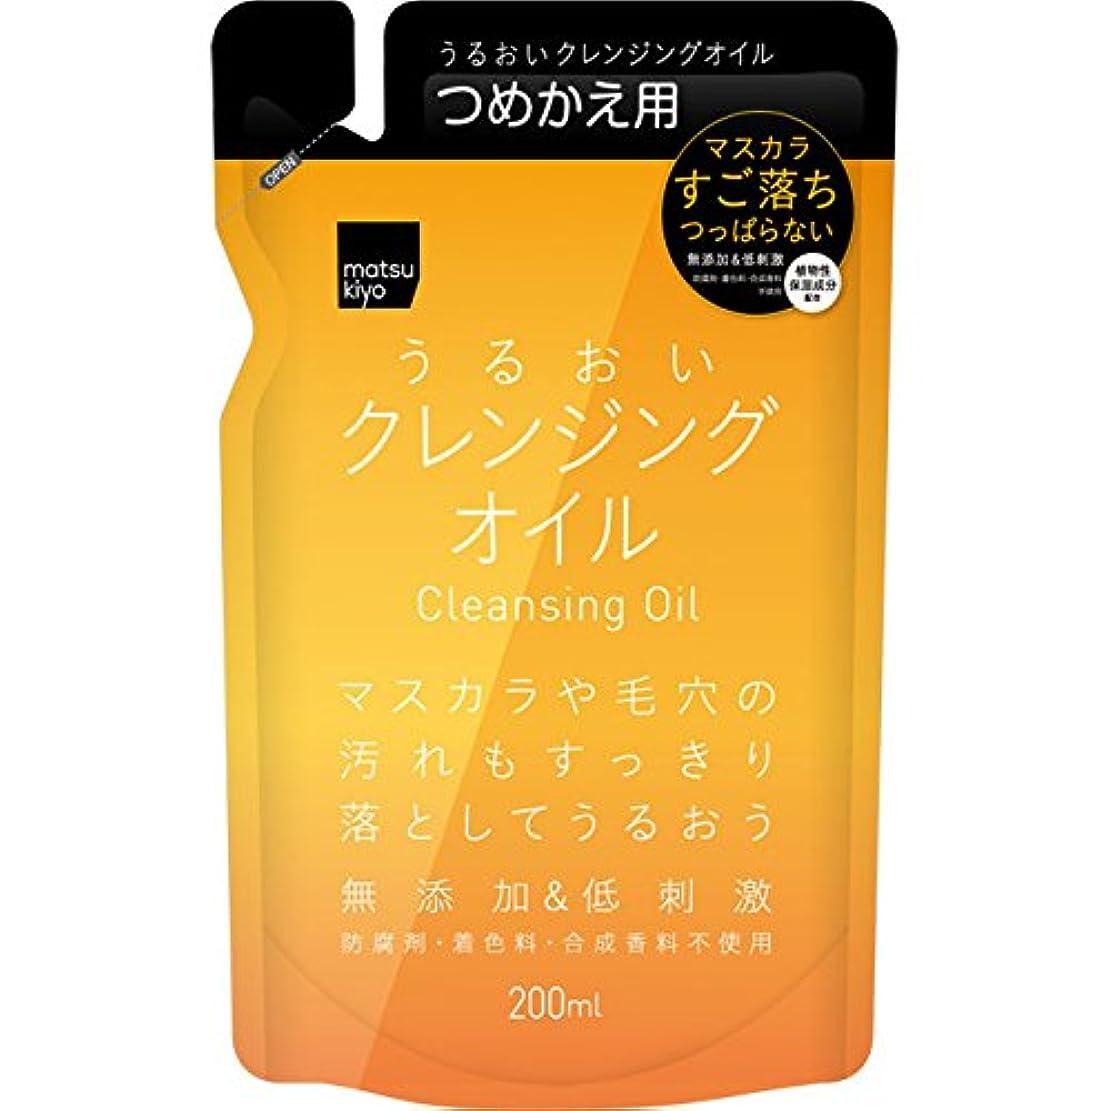 ブランク組立ピニオンmatsukiyo うるおいクレンジングオイル 詰替 200ml詰替